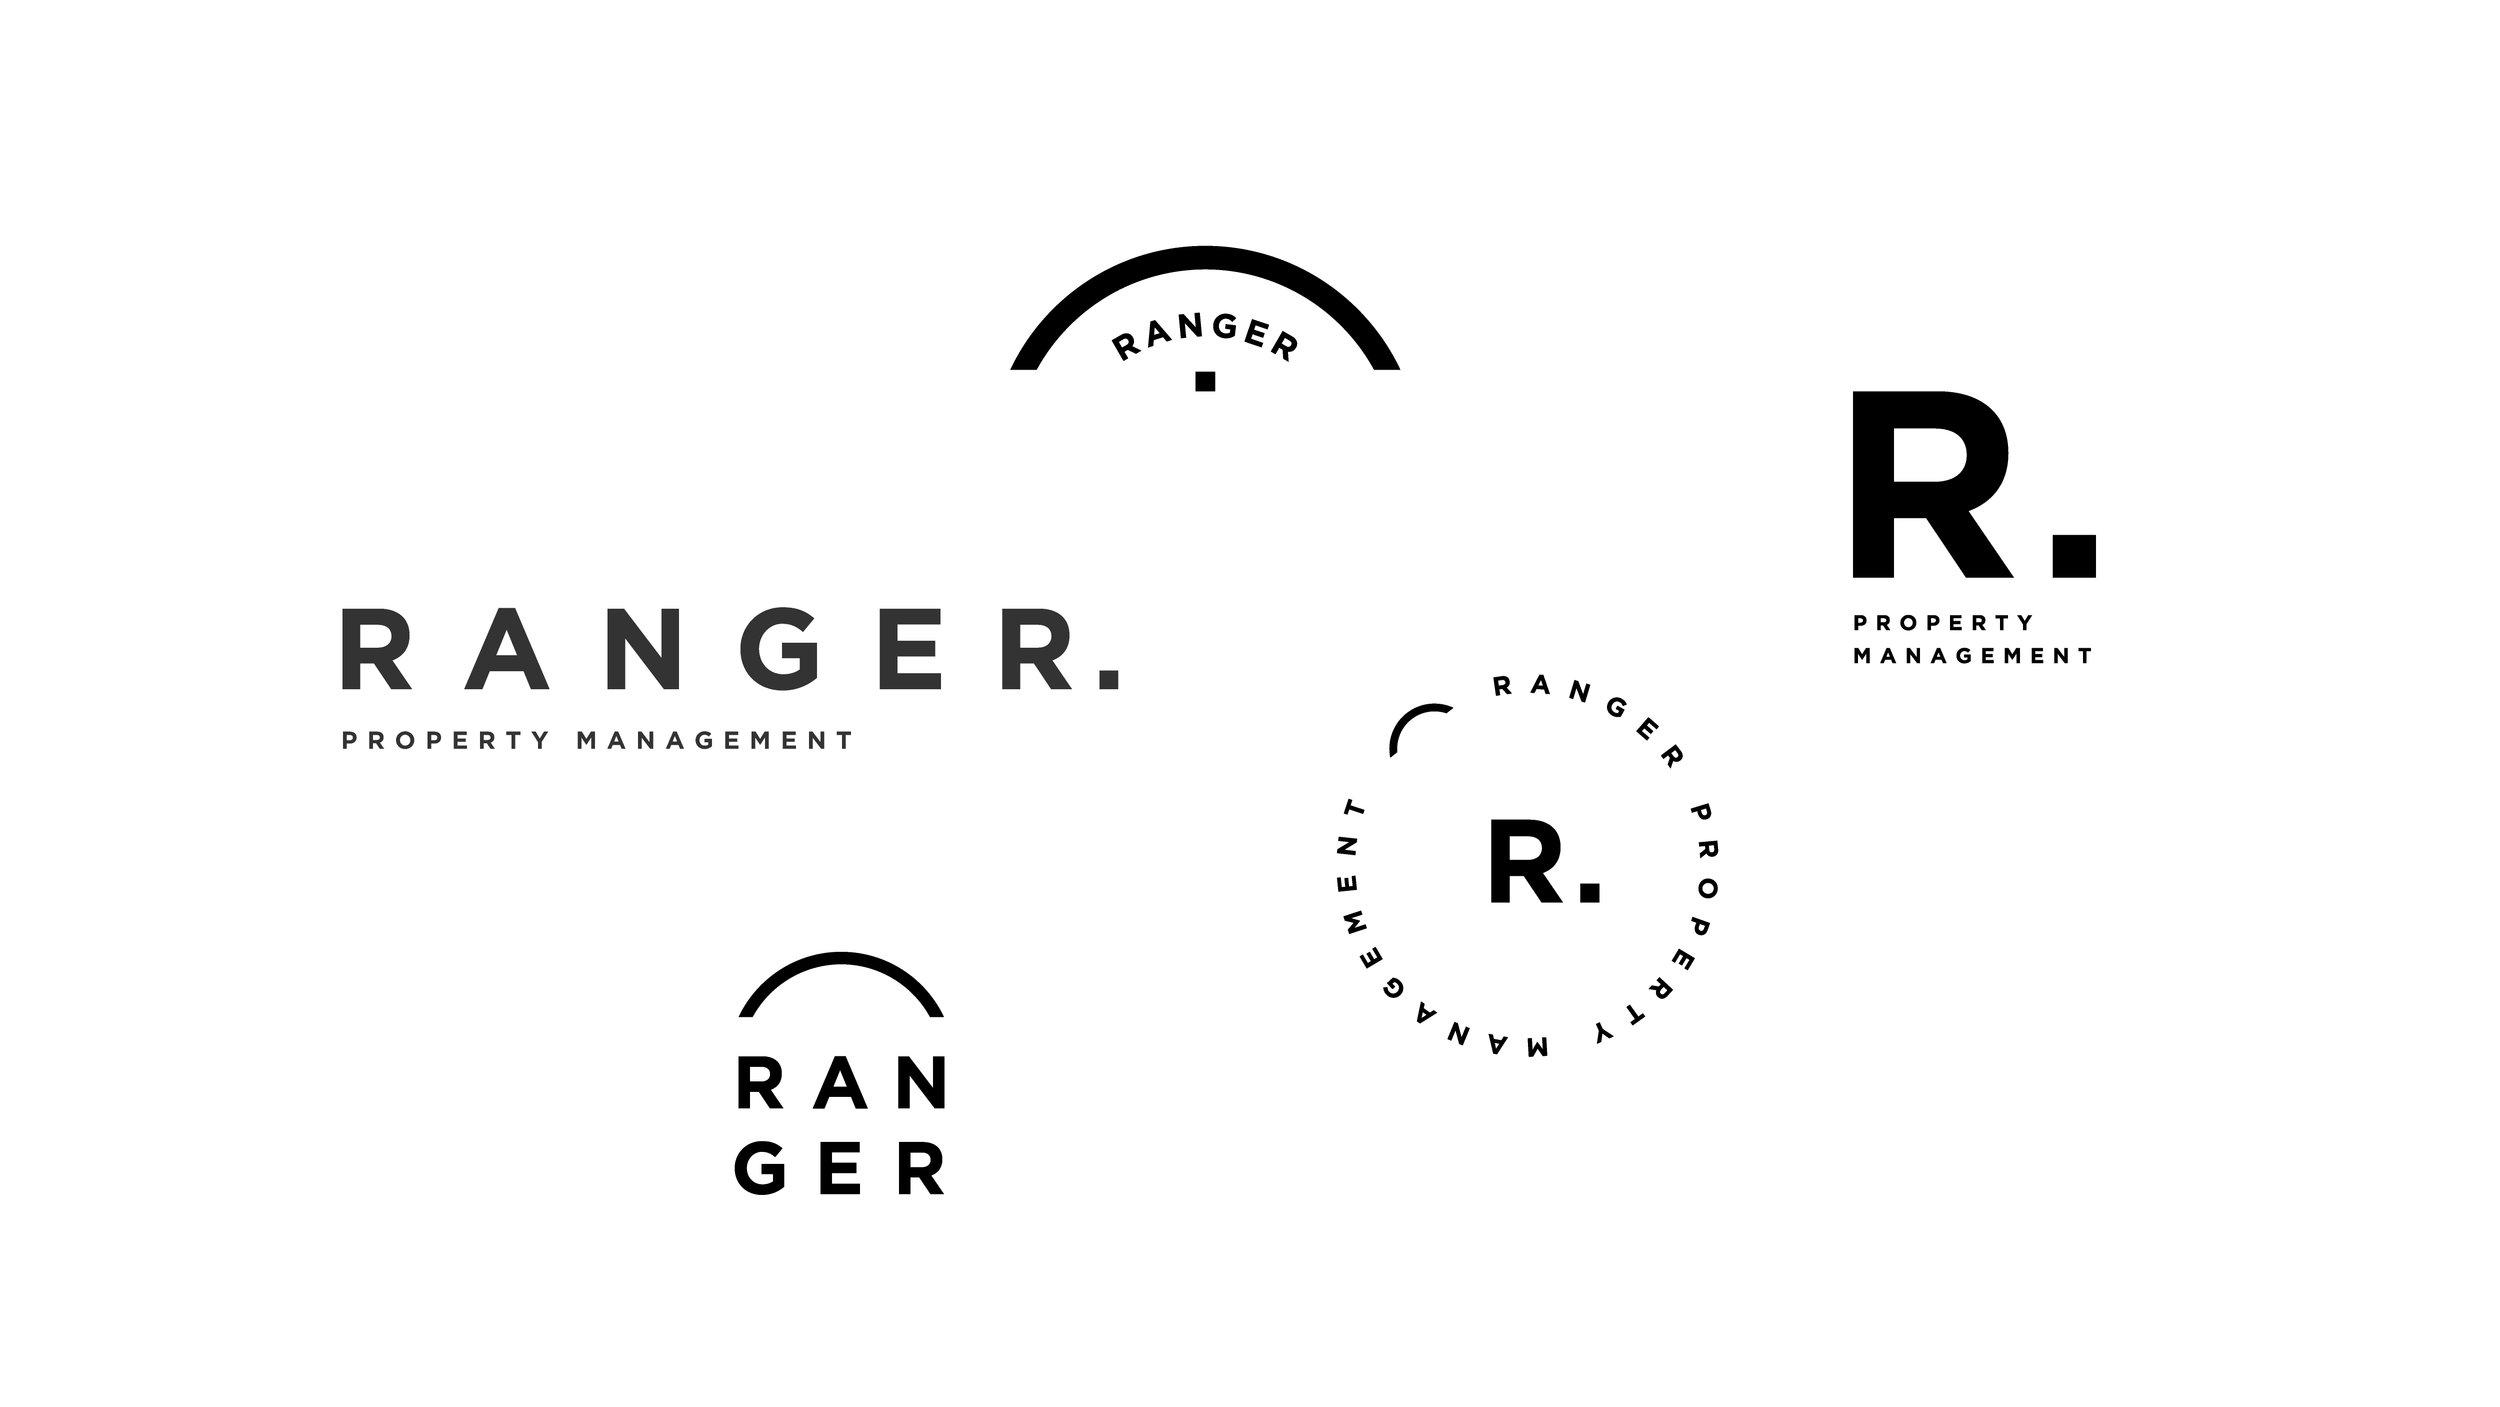 ranger-logos-mintlane.jpg